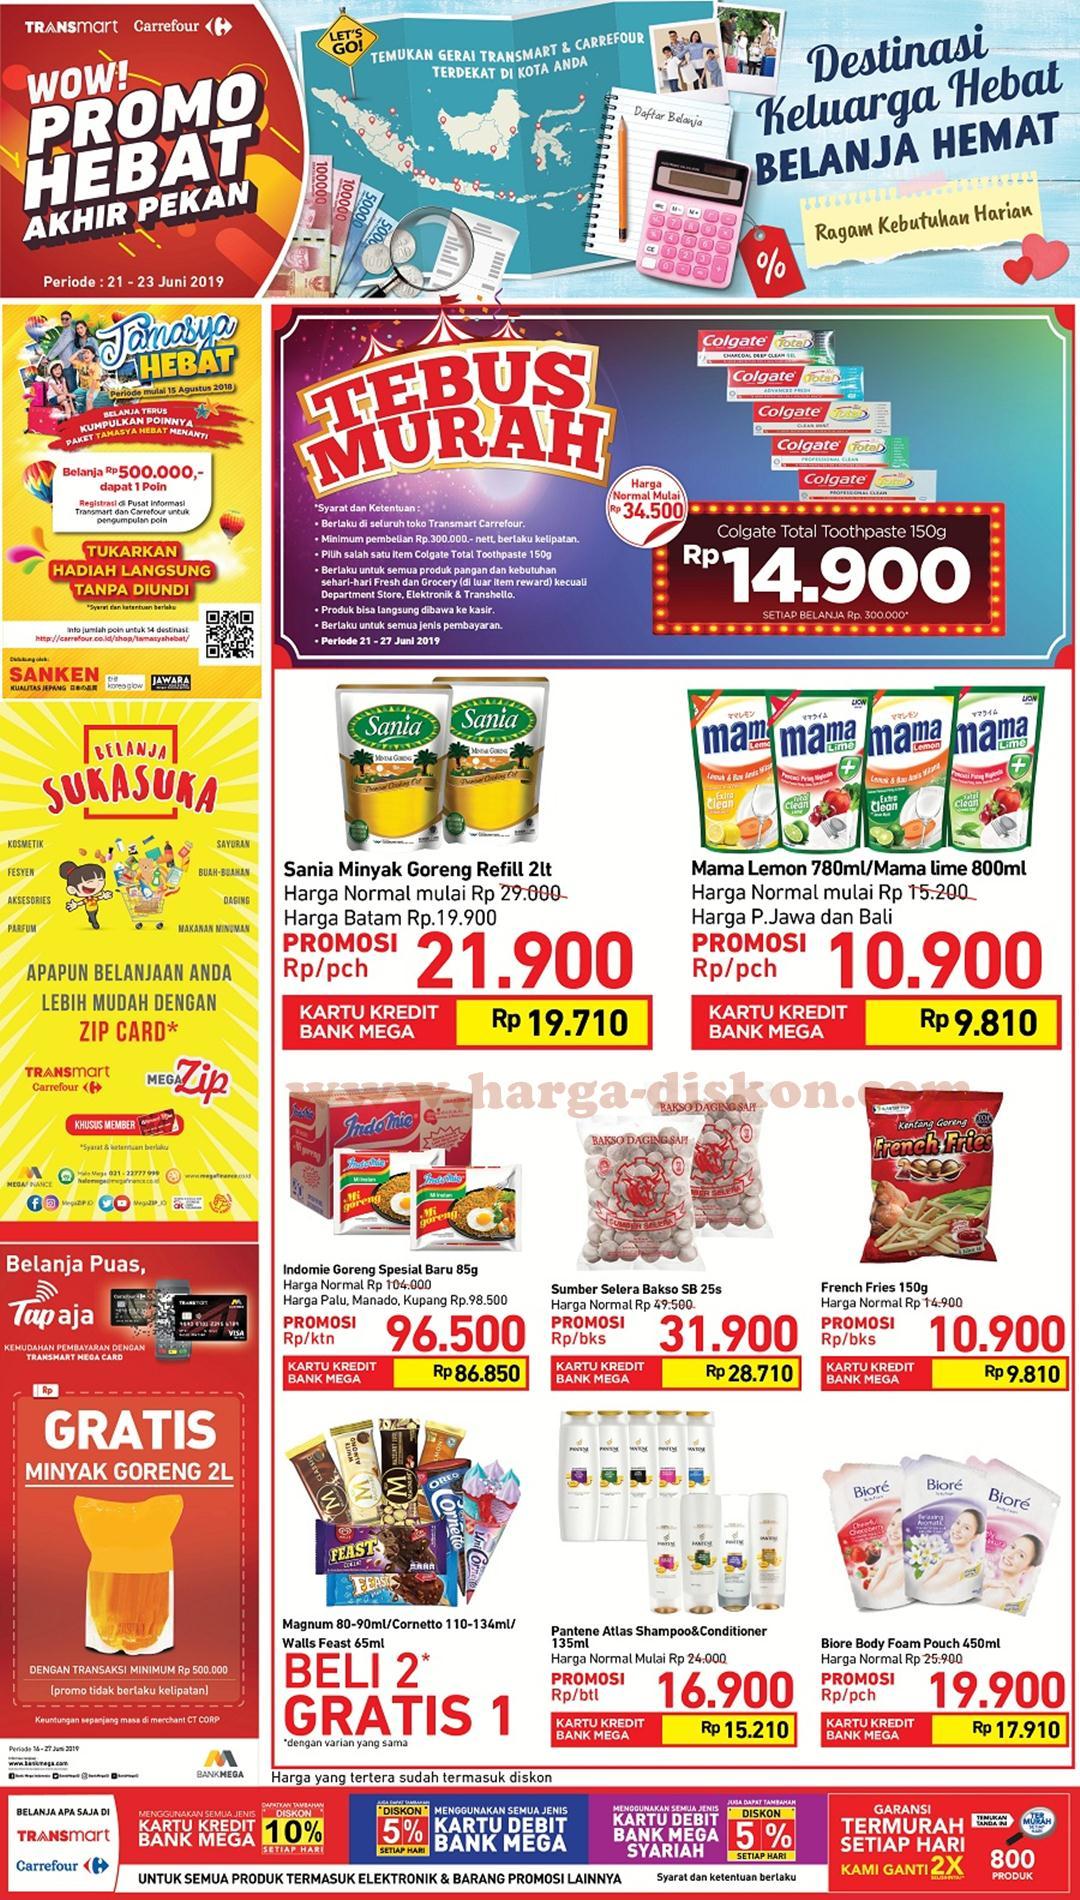 Katalog Promo JSM Carrefour Terbaru Minggu Ini Periode 21 – 23 Juni 2019